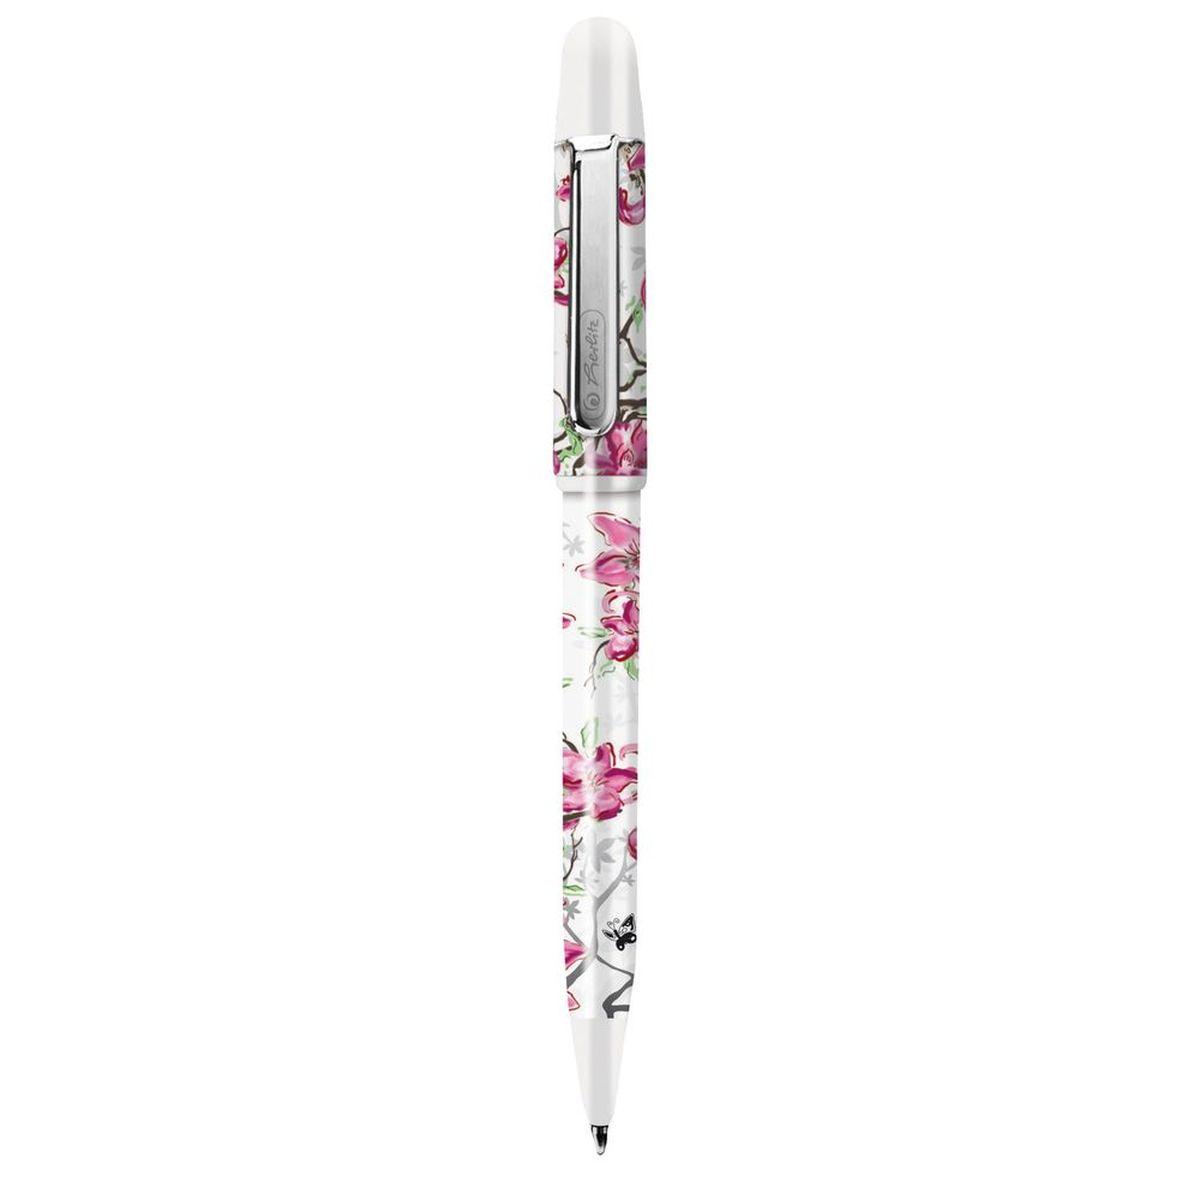 Шариковая ручка Herlitz из дизайнерской серии Ladylike. Благодаря мягко изогнутым линиям, нежным пастельным тонам и актуальному цветочному дизайну - удовольствие при письме гарантировано. Корпус изготовлен из прочного пластика. Цвет чернил - синие.